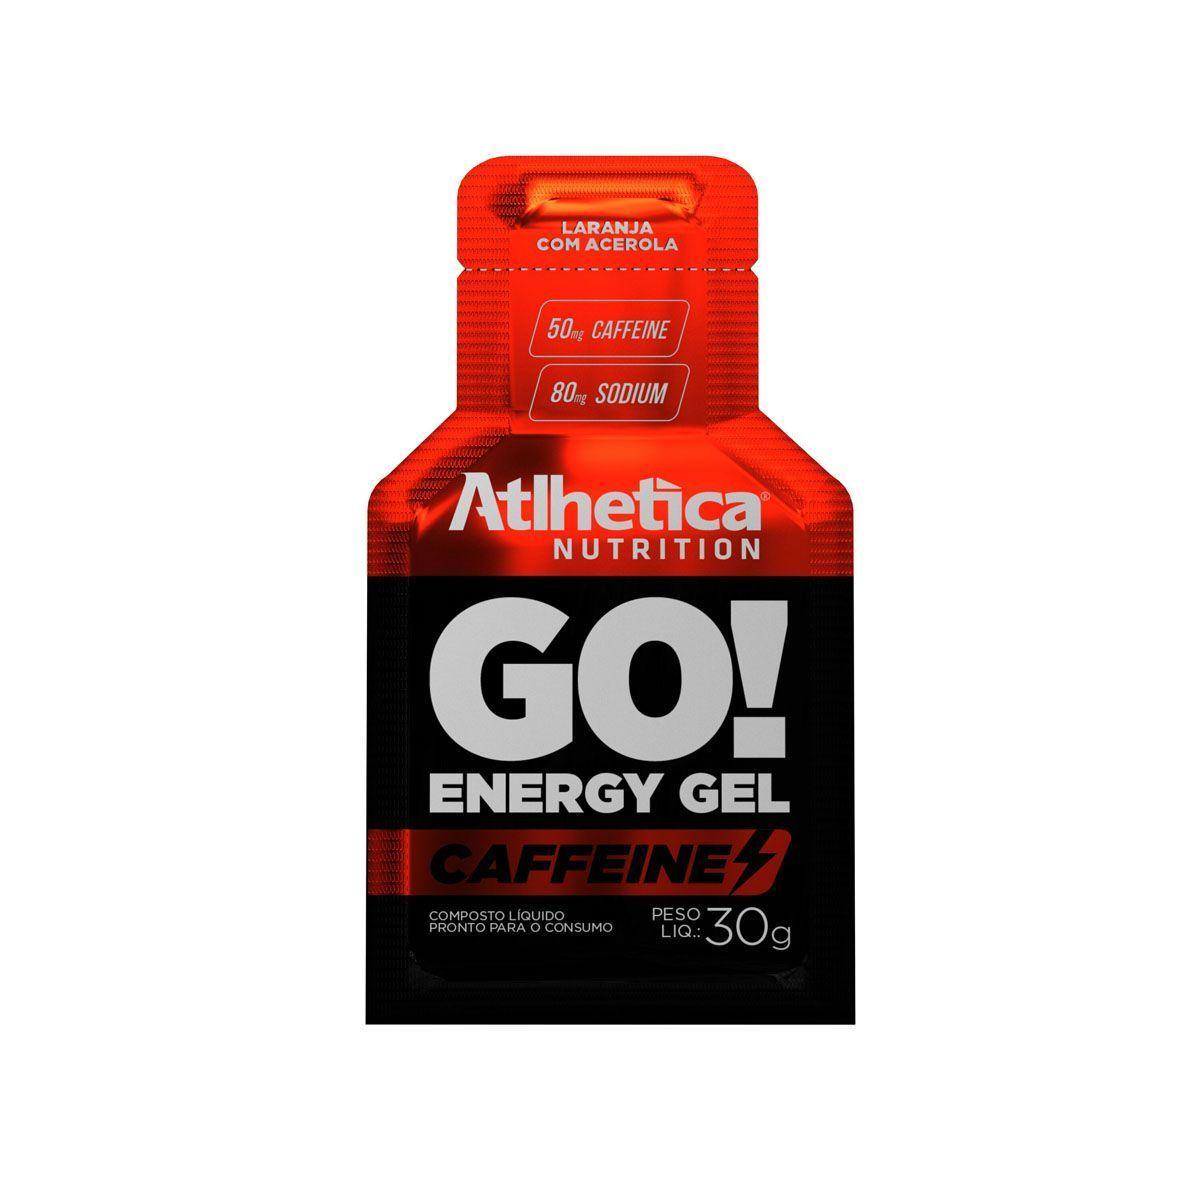 Go Energy Gel Caffeine - 1 Sachê Laranja com Acerola - Atlhetica Nutrition